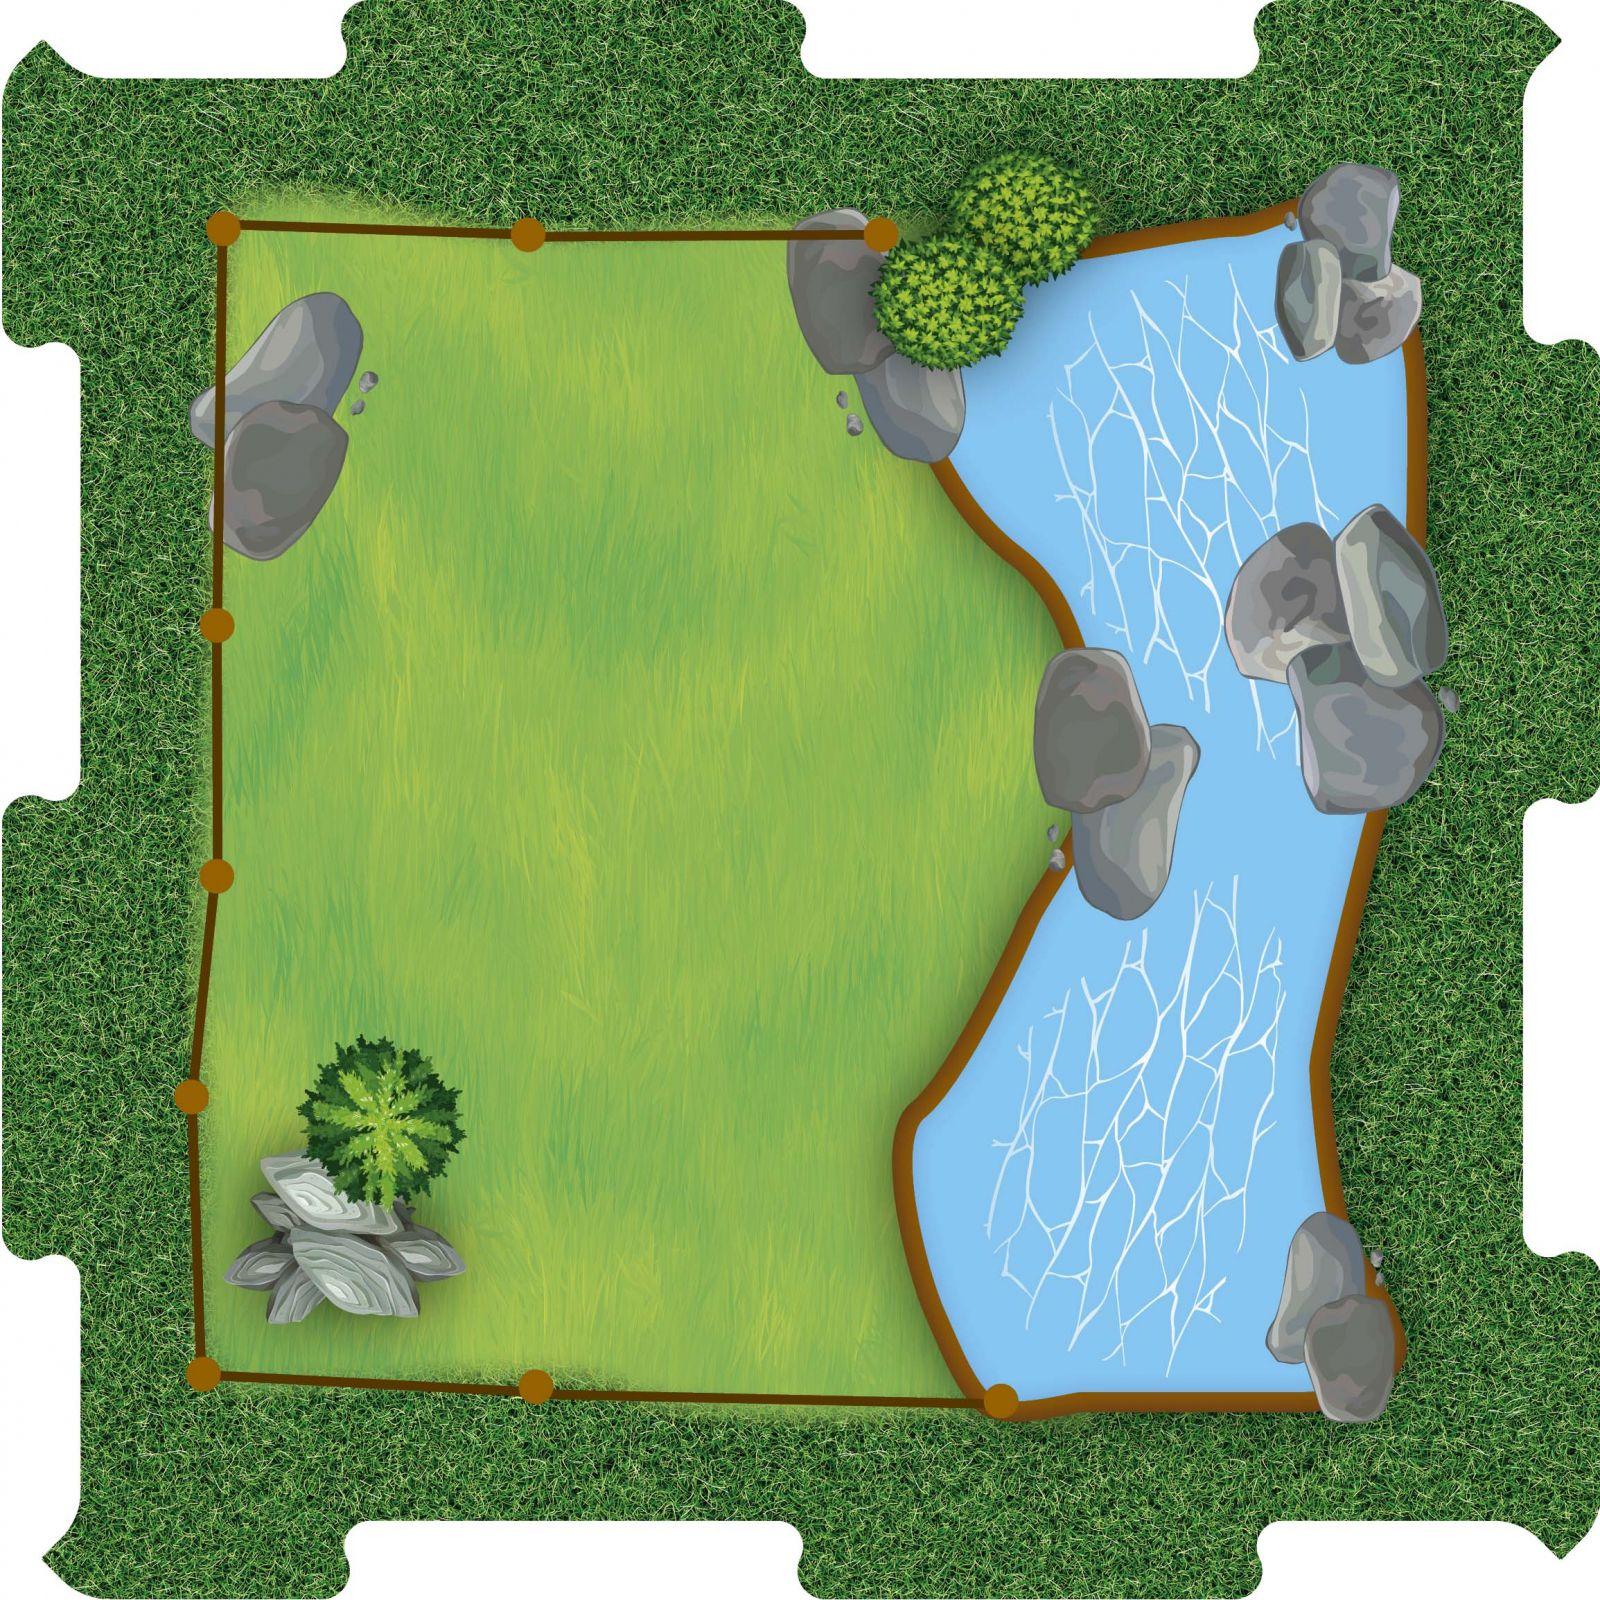 Podlahové puzzle Zoo trava s jezirkem